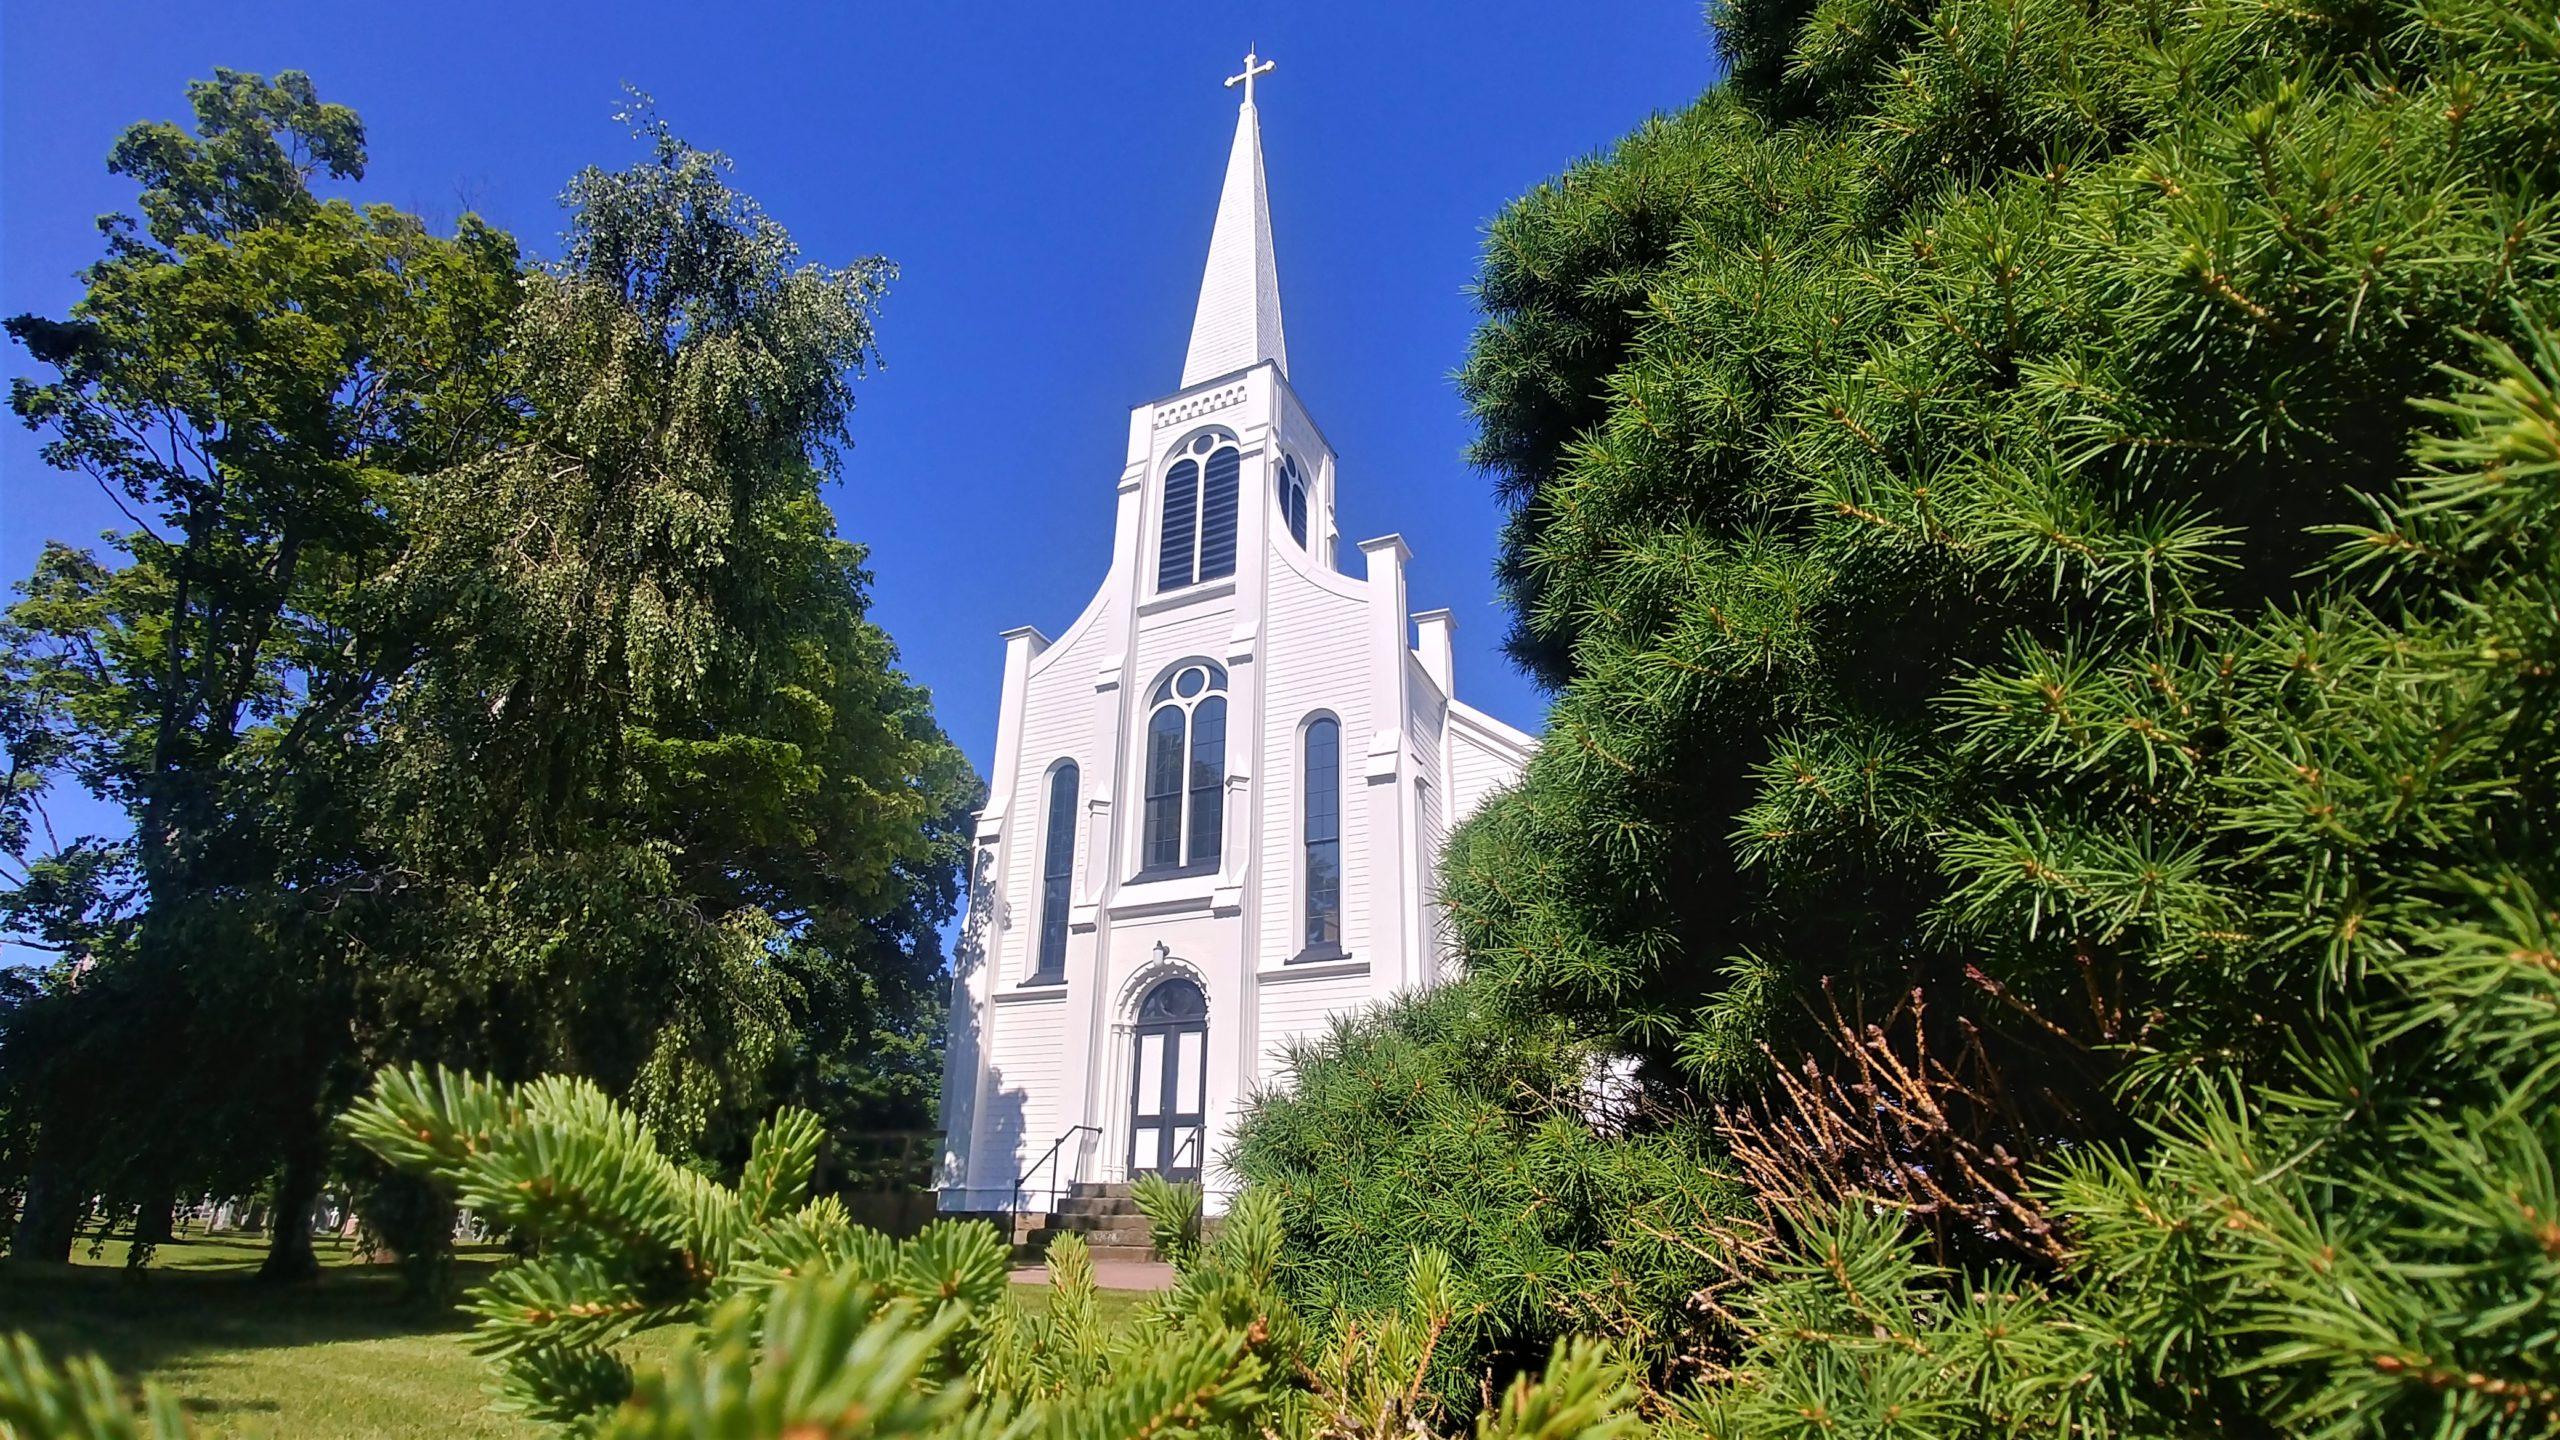 Eglise historique Barachois infos pratiques